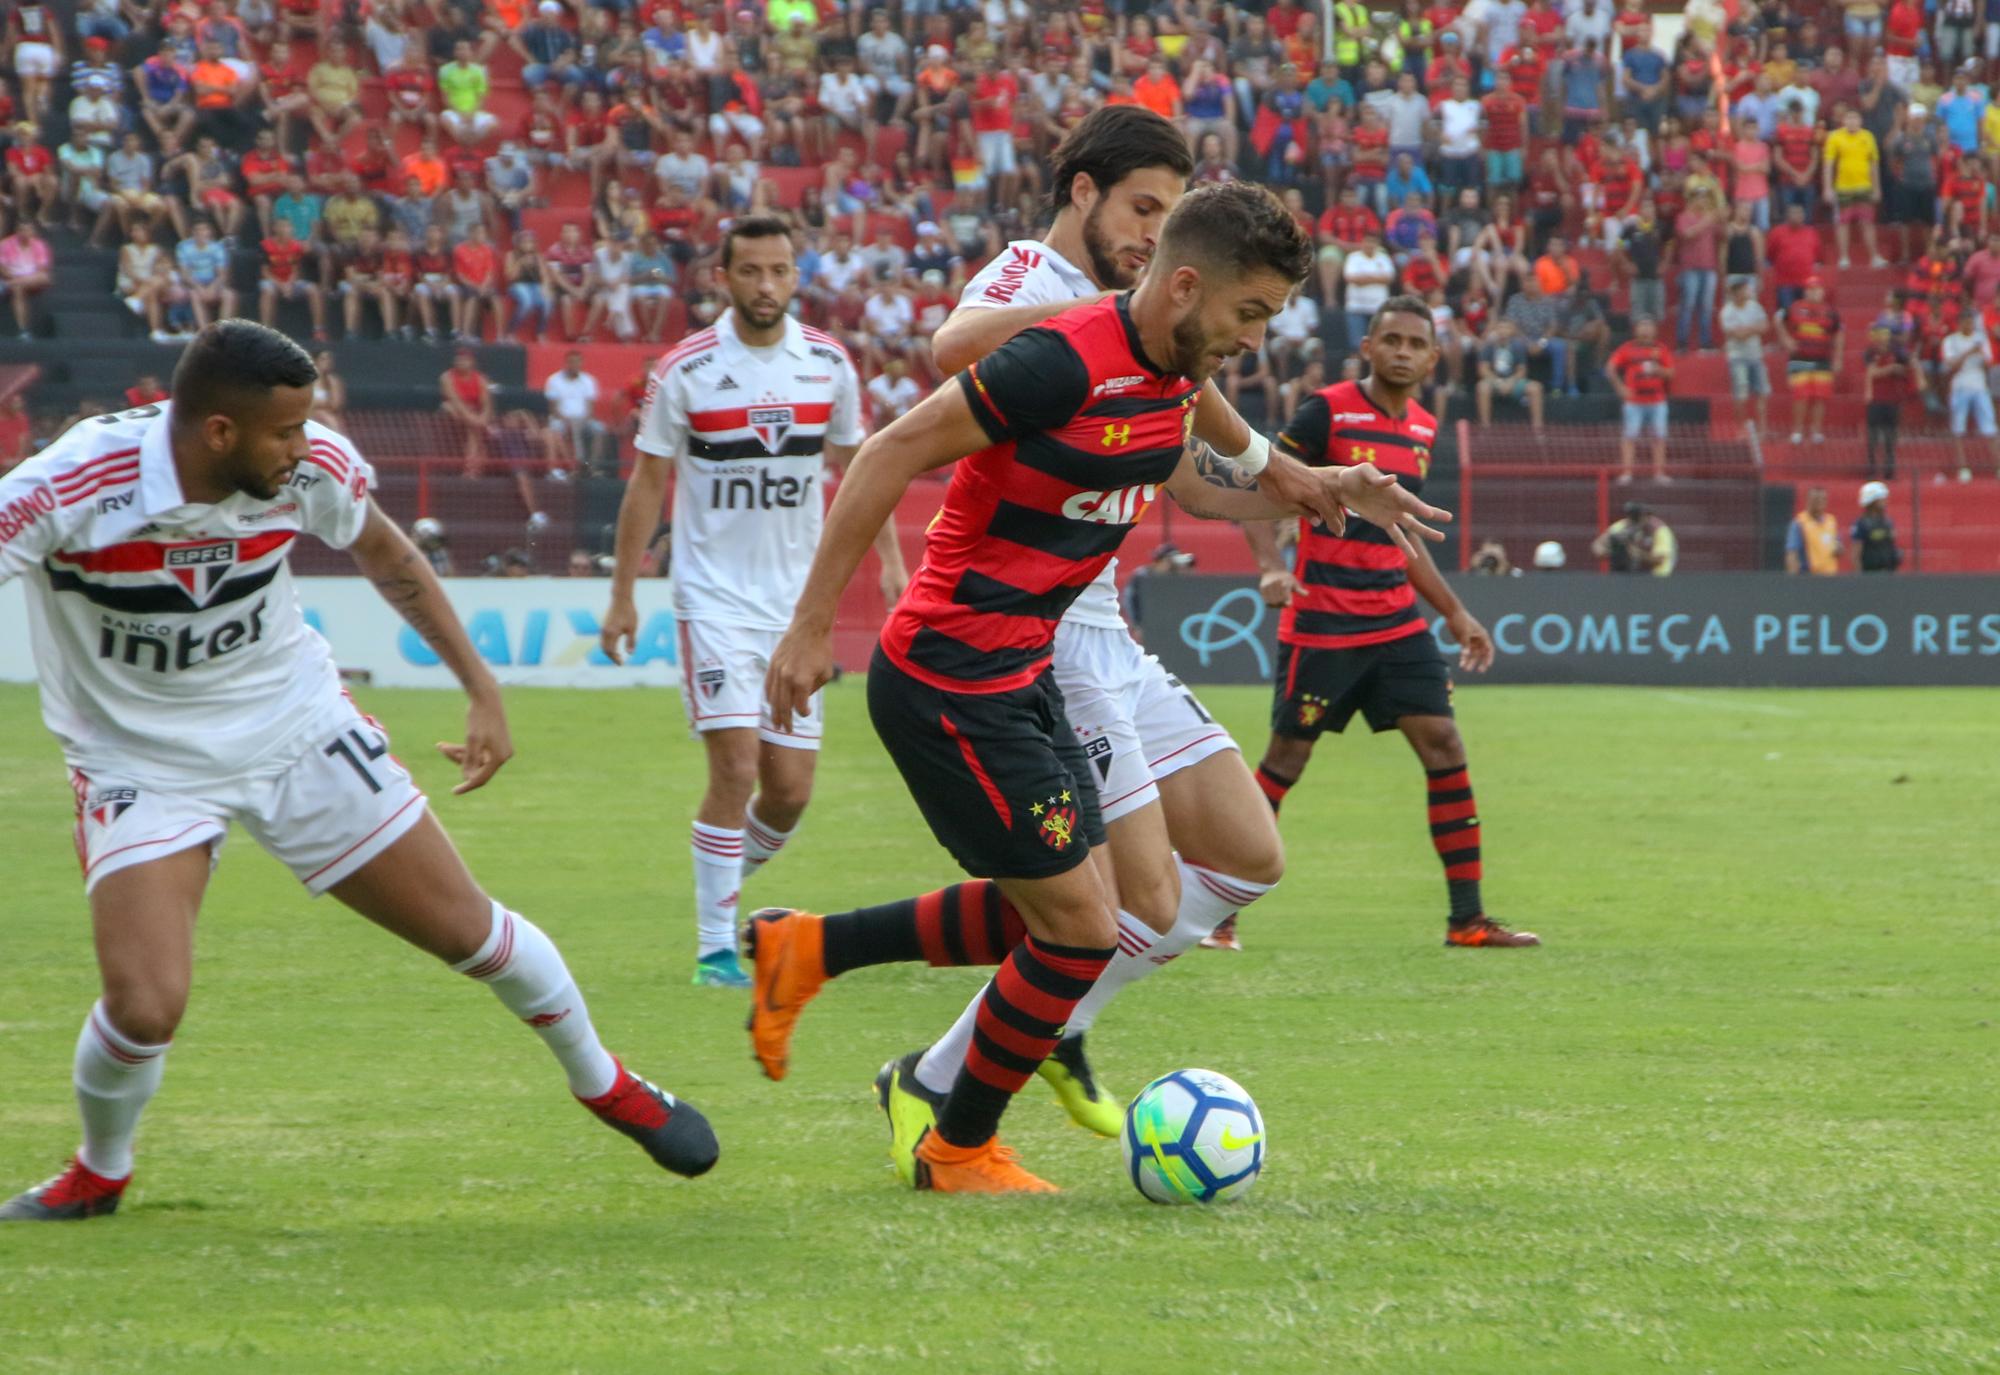 Sao Paulo X Sport Saiba Como Assistir Ao Jogo Ao Vivo Na Tv